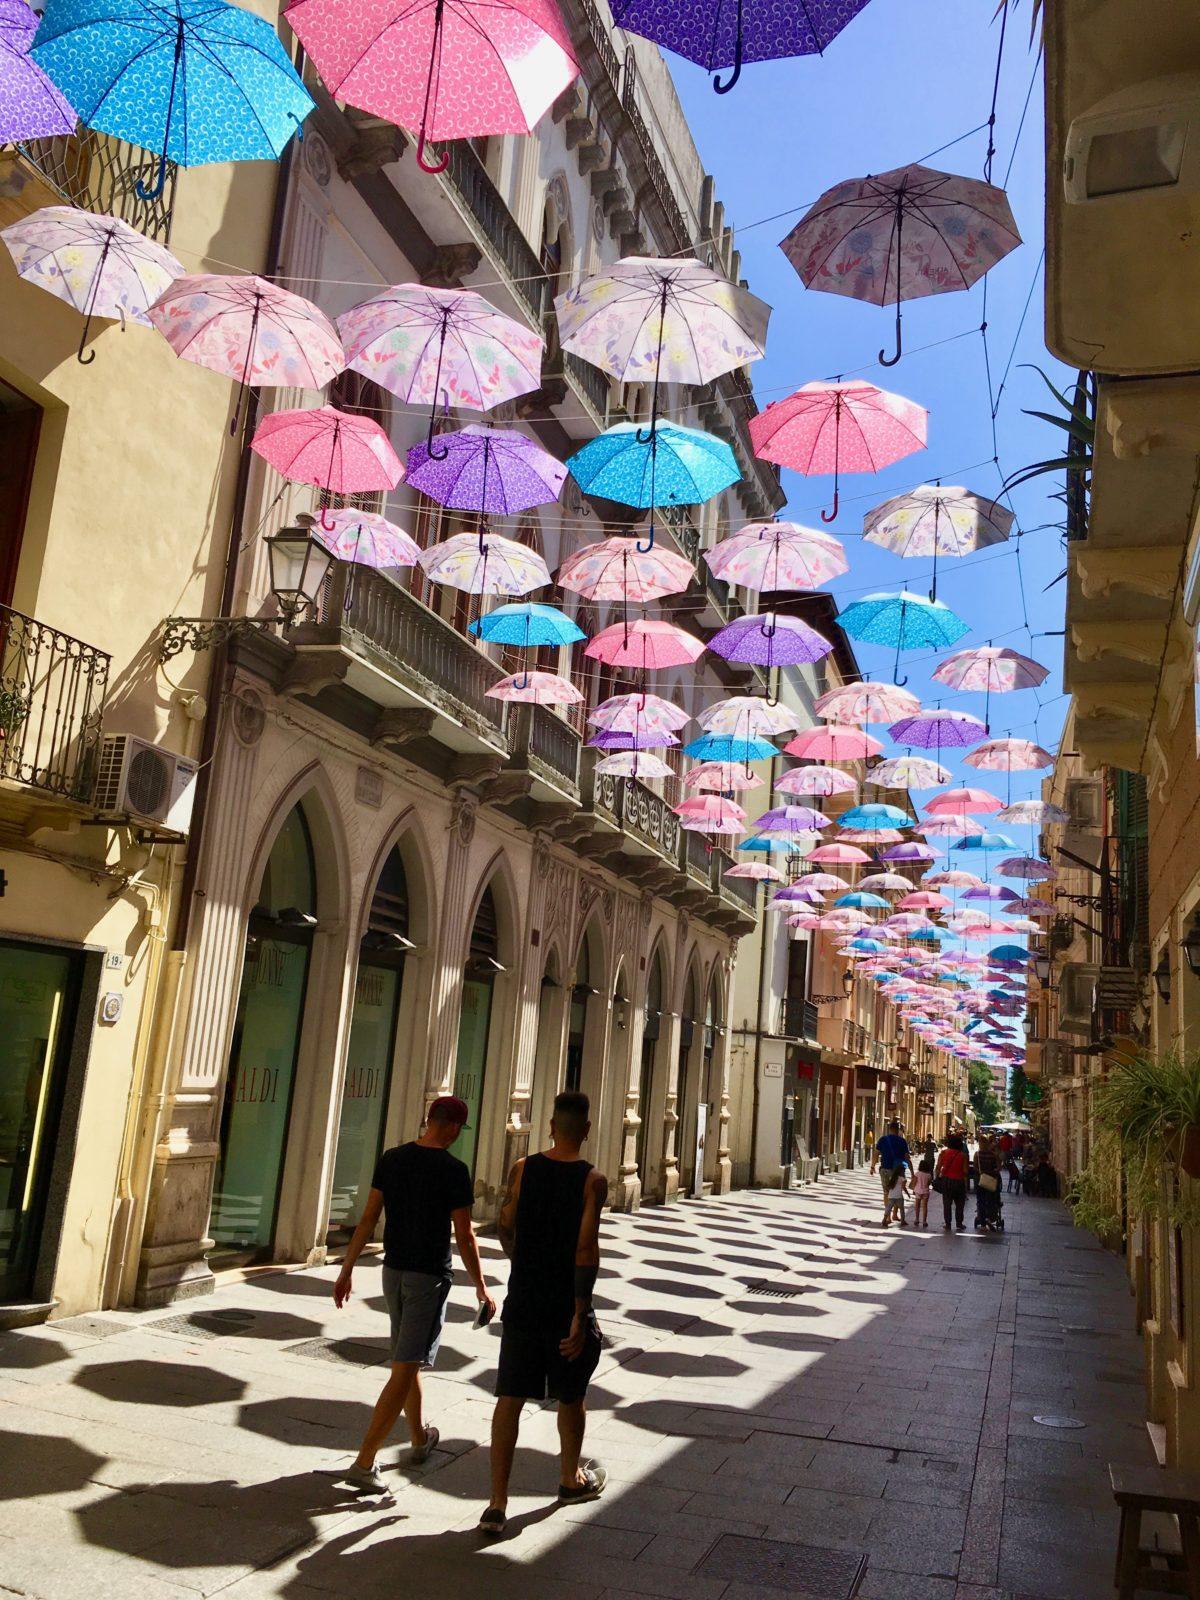 Fußgängerzone in der Altstadt von Iglesias